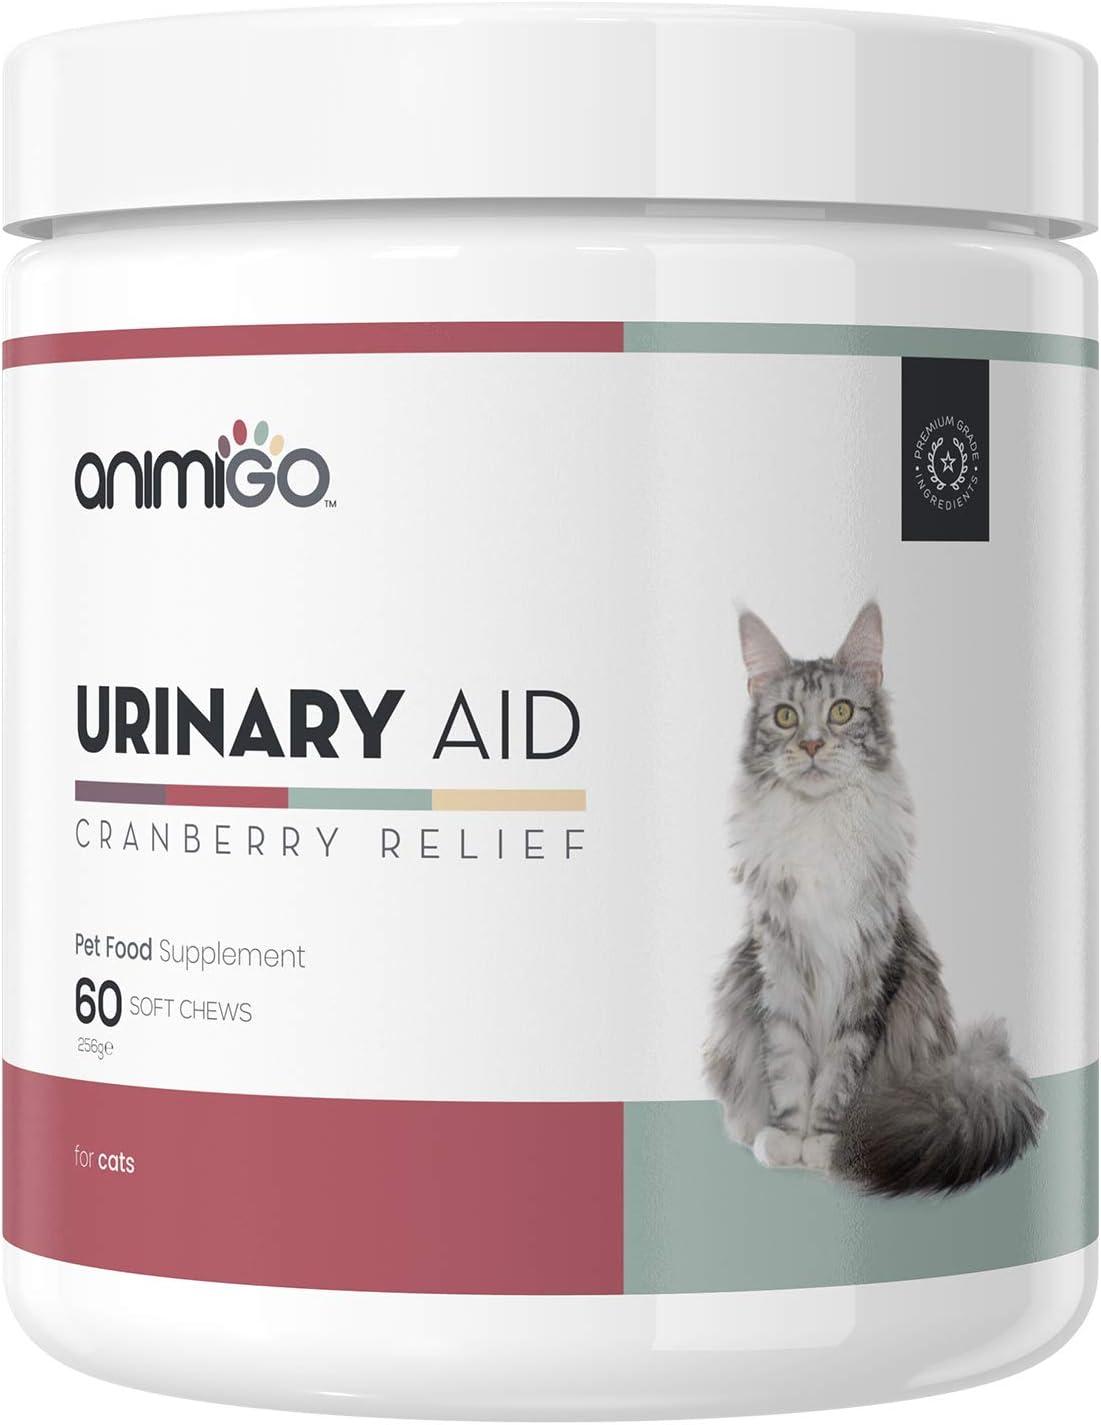 Animigo Ayuda Urinaria para Gatos - Suplemento Natural para Mantener el Tracto Urinario y Proteger contra Infección de Orina - con Arándano, Equinácea, Levadura, Vitaminas y Minerales - 60 Cápsulas